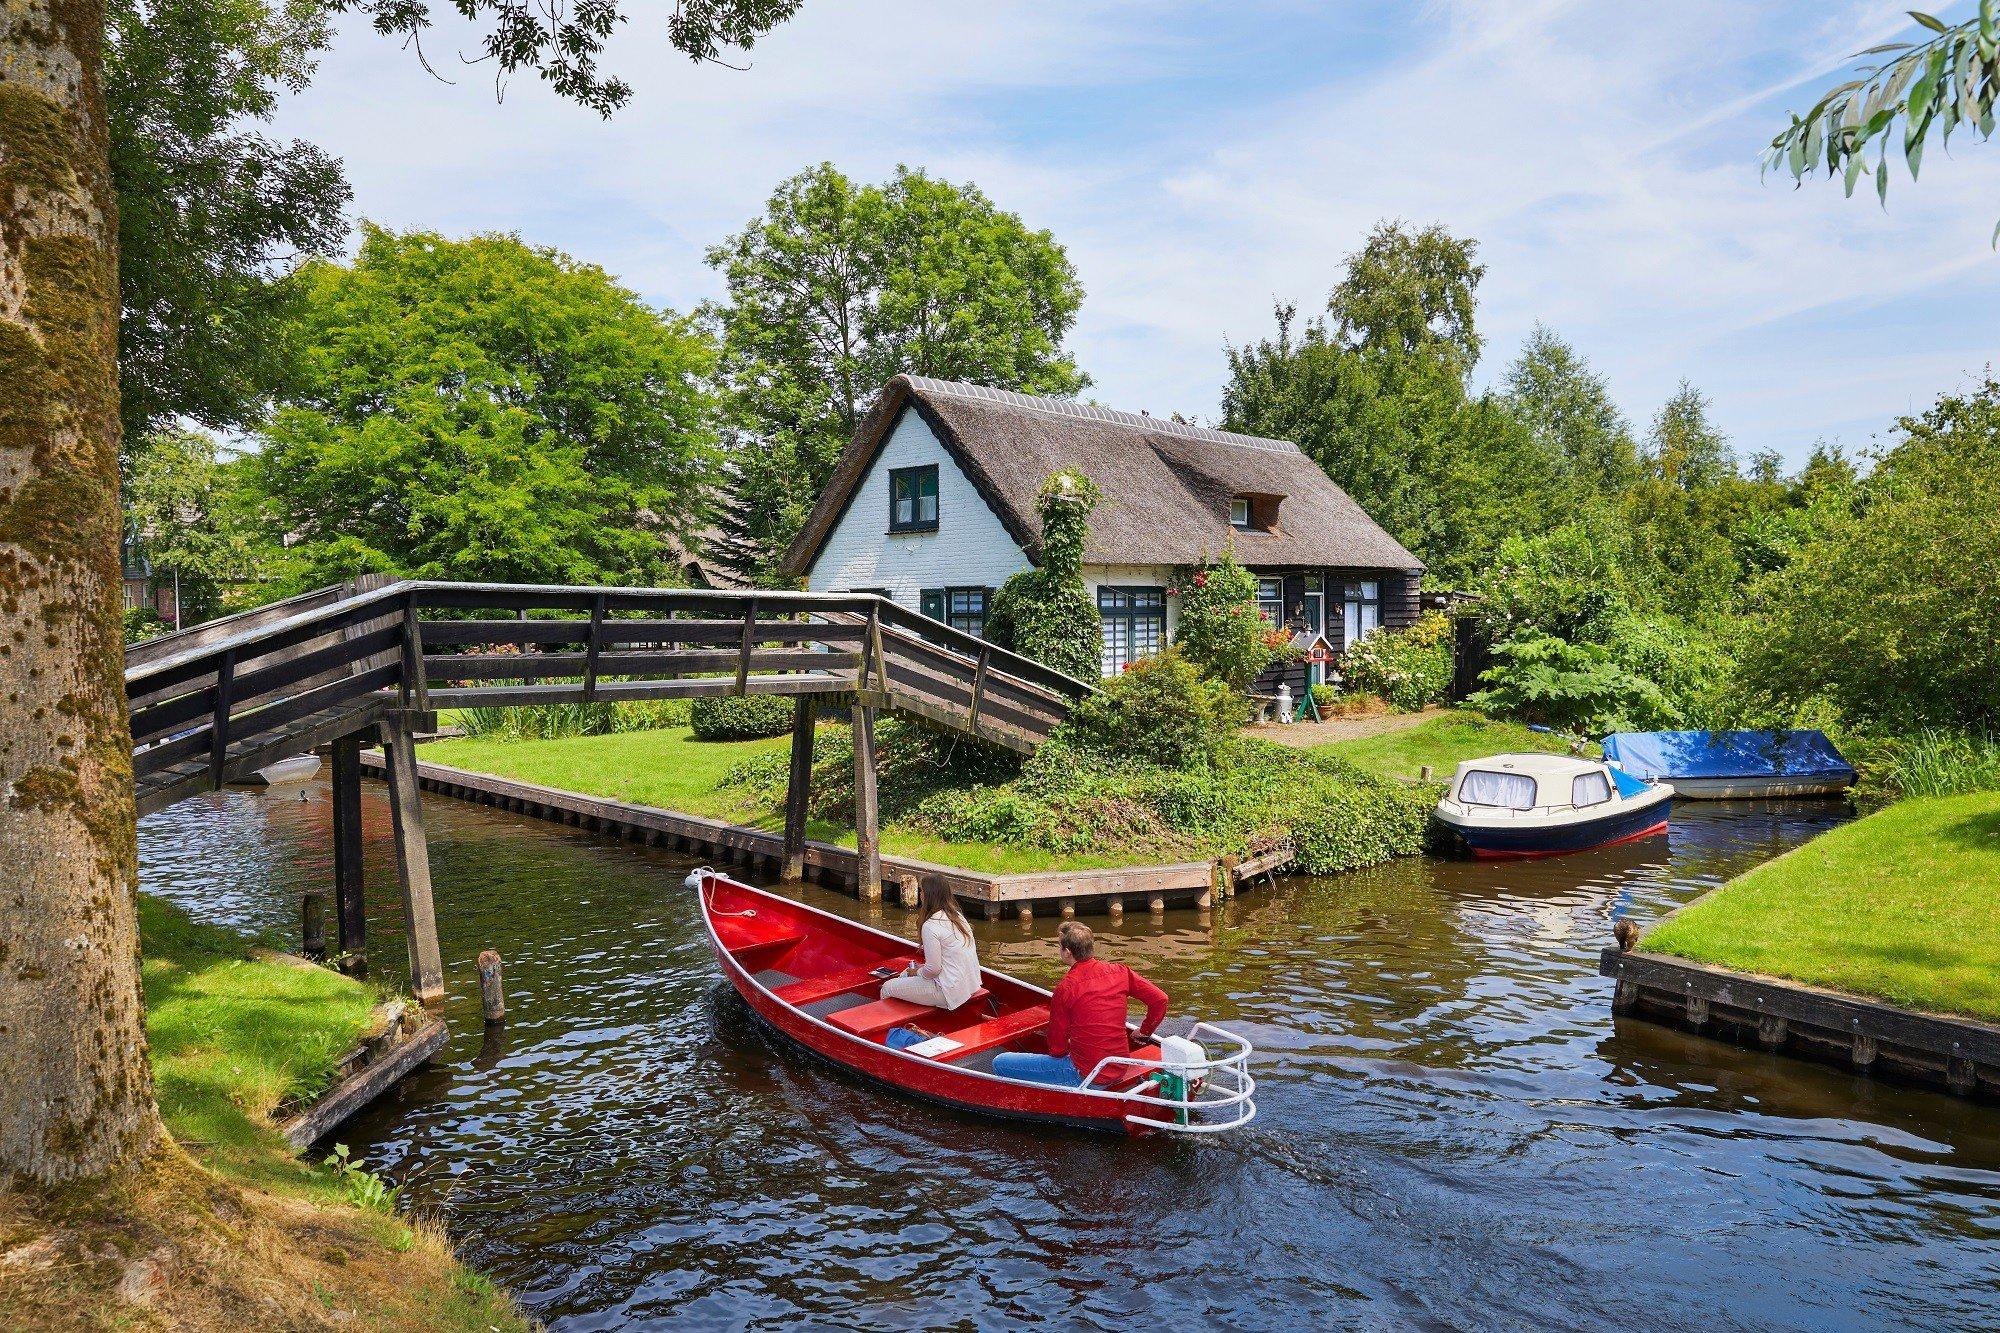 Dagaanbieding - Weekend, midweek of week in een vakantiechalet aan het water op Vakantiepark Giethoorn dagelijkse koopjes